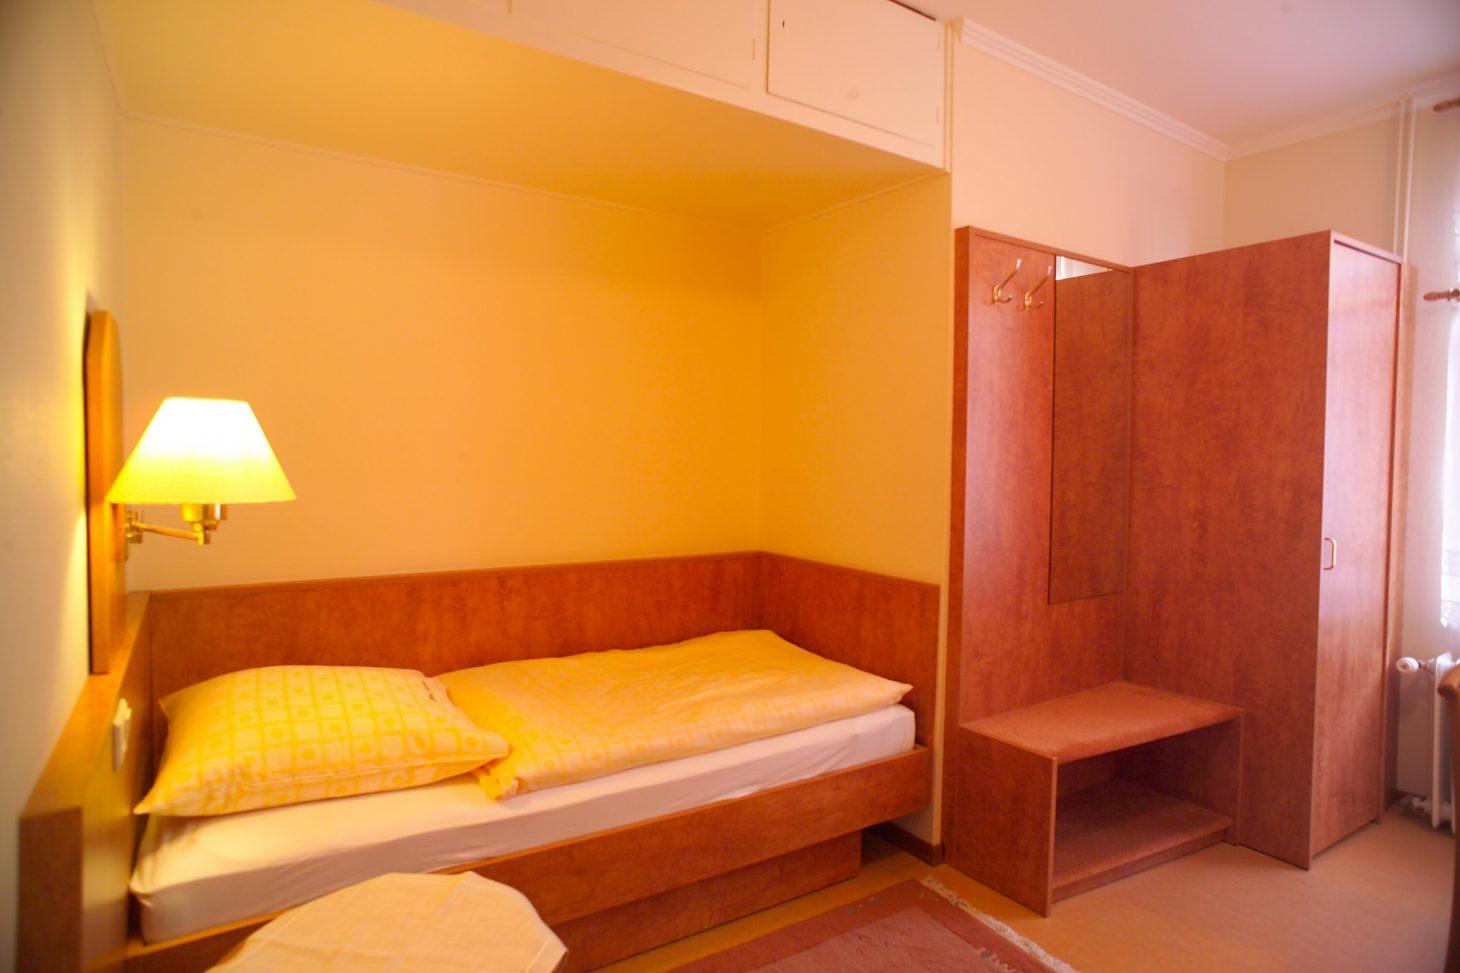 Hotel-Innenaufnahmen-Internetseite 015